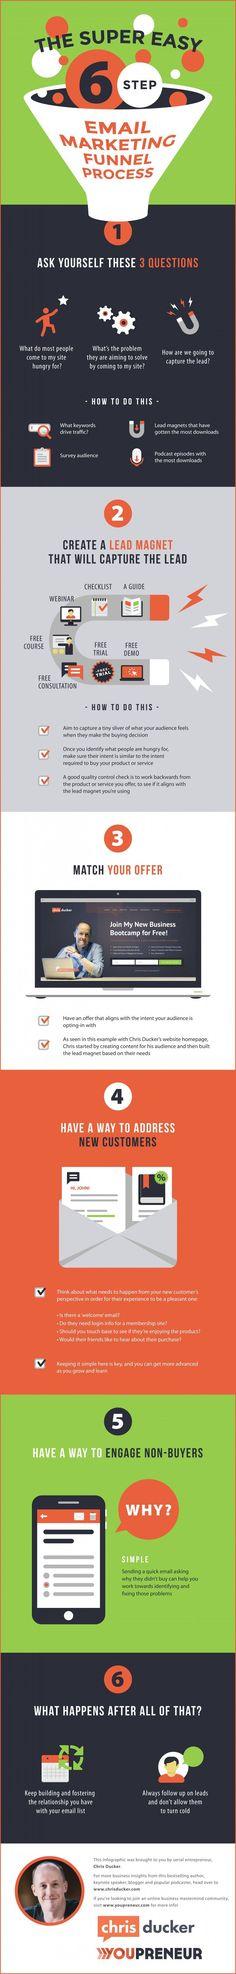 The Super Easy 6-Step Email Marketing Funnel [Infographic] - http://www.chrisducker.com/?p=81183 Confira dicas, táticas e ferramentas para E-mail Marketing no Blog Estratégia Digital aqui em http://www.estrategiadigital.pt/category/e-mail-marketing/